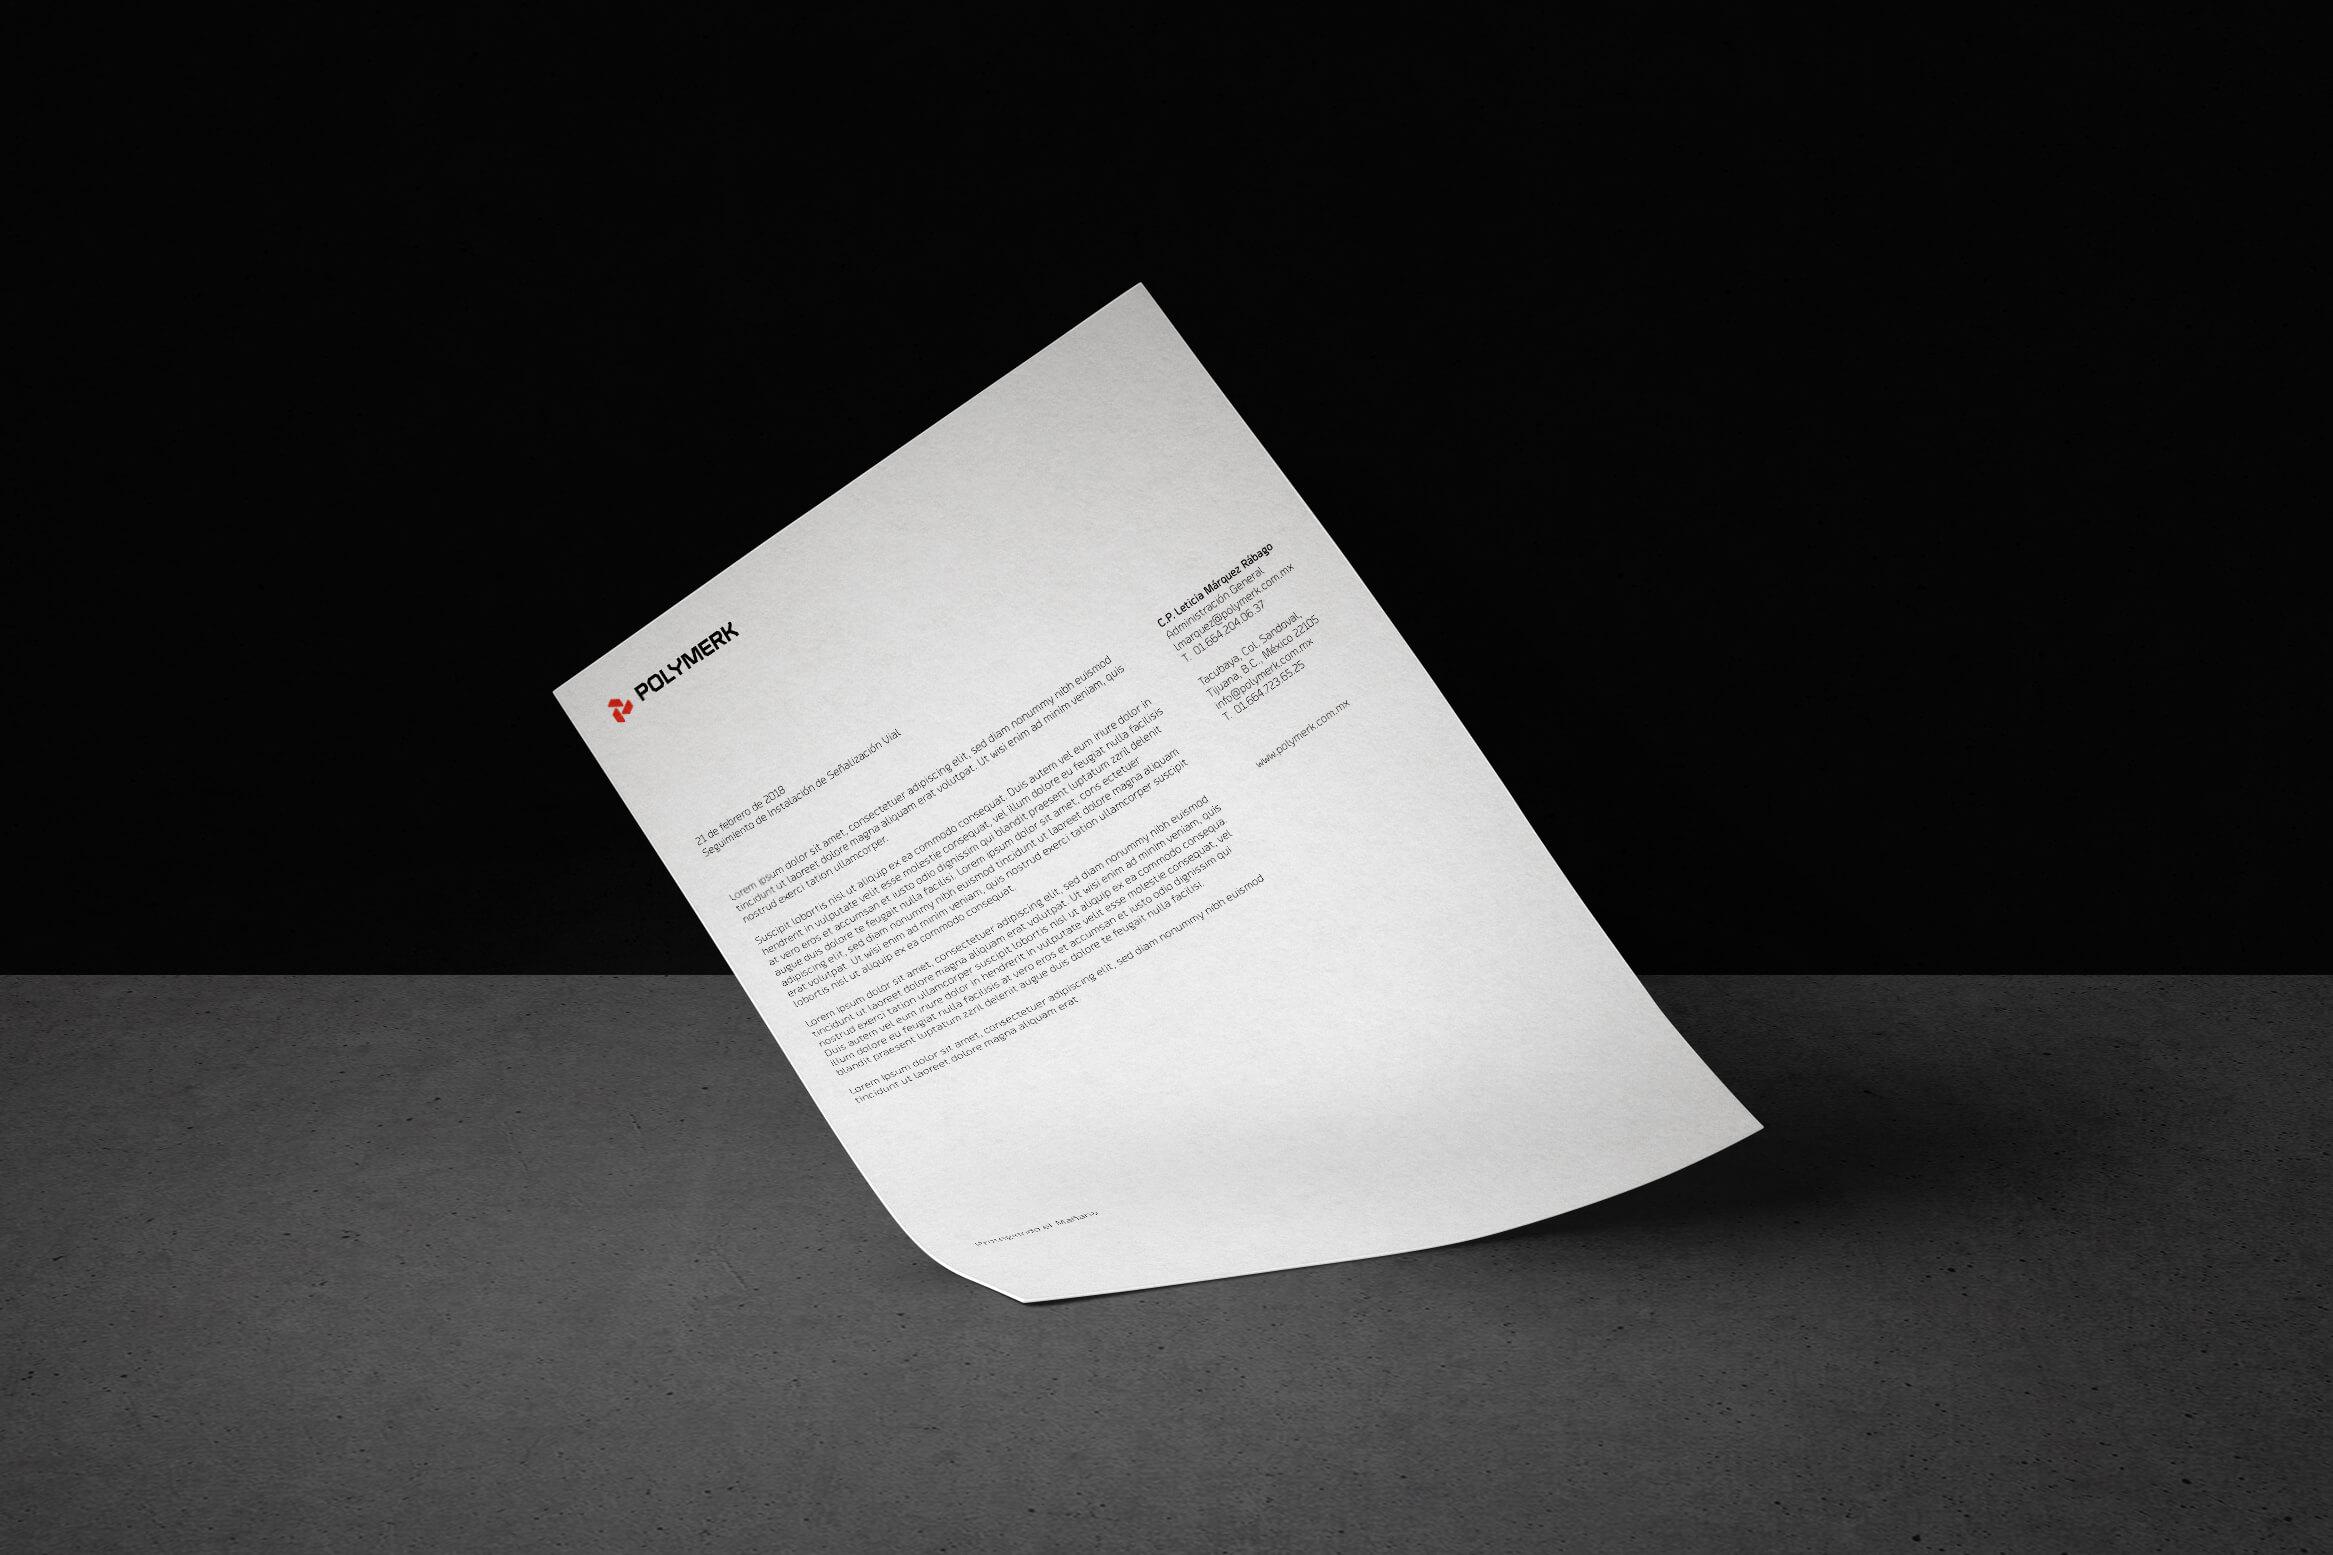 logo-design-branding-san-diego-vortic-polymerk-03